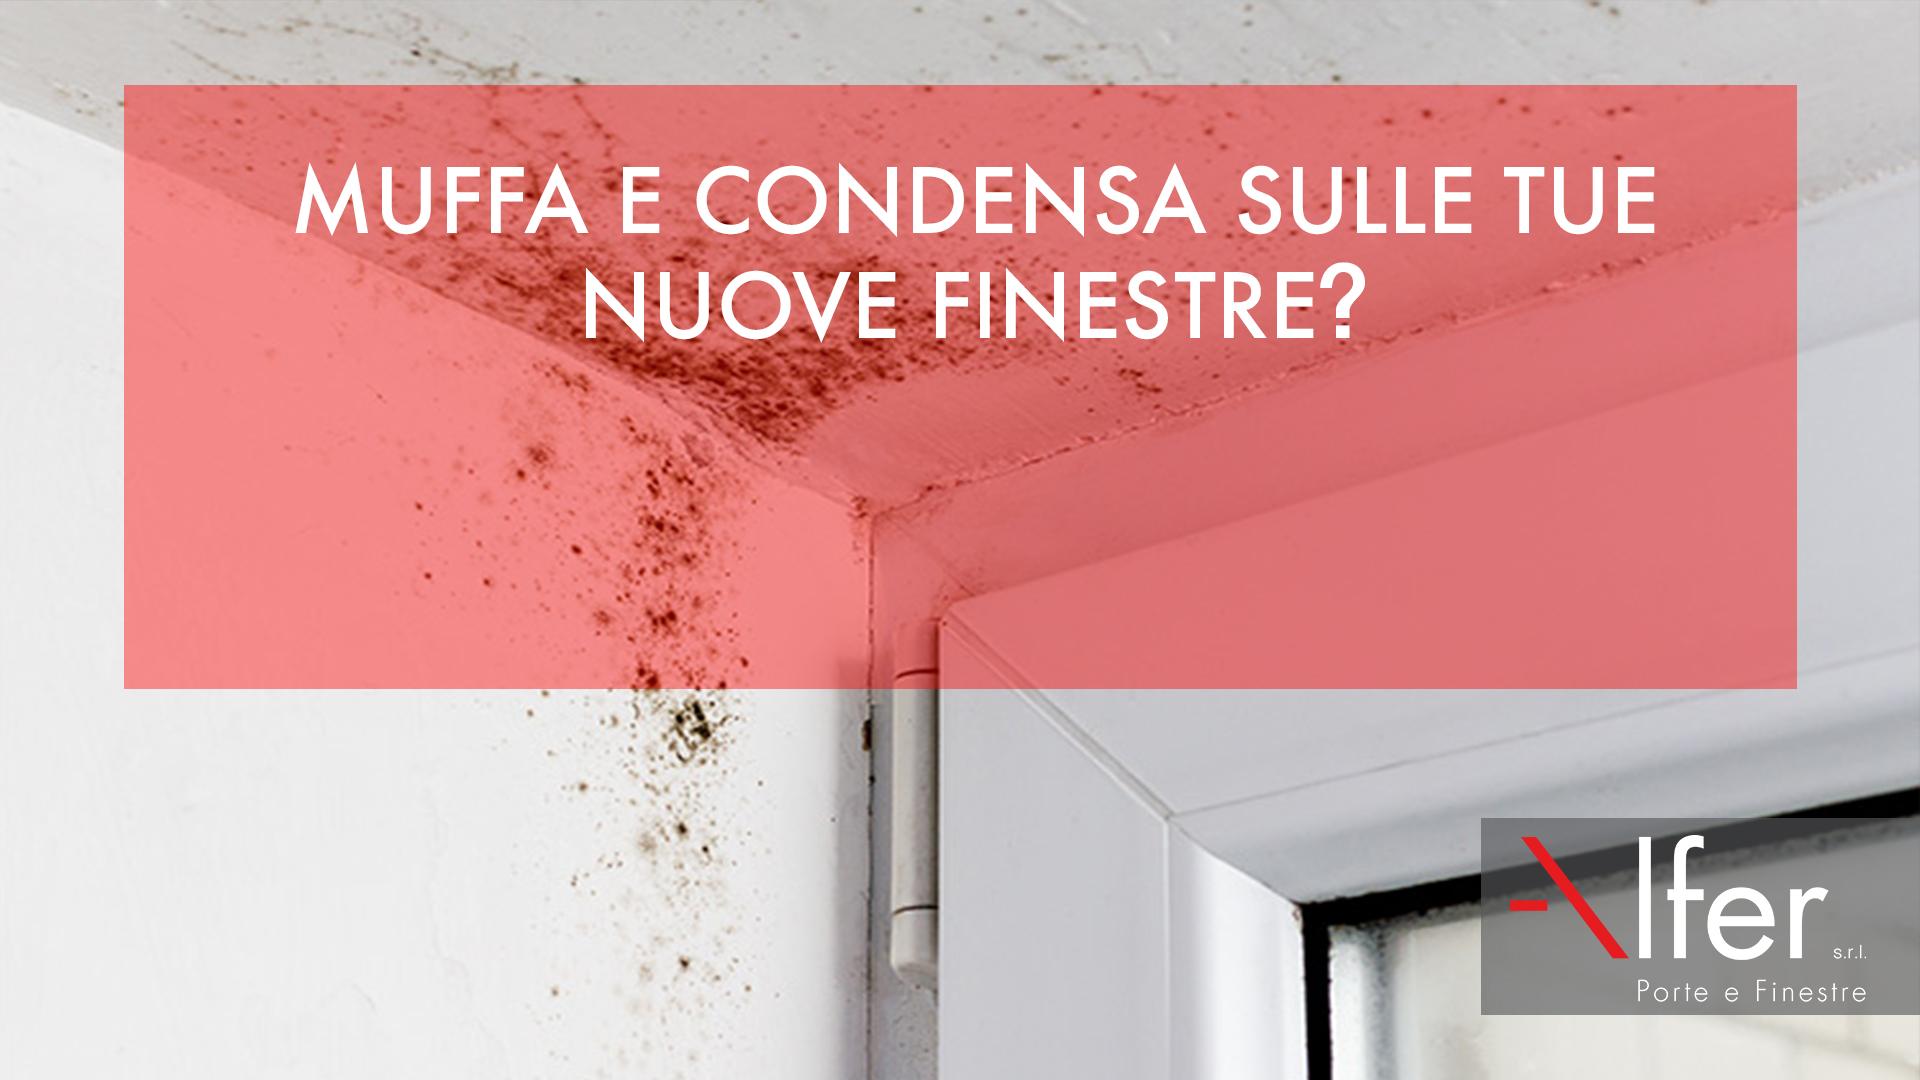 Muffa Vicino Agli Infissi muffa e condensa sulle tue nuove finestre - alfer infissi